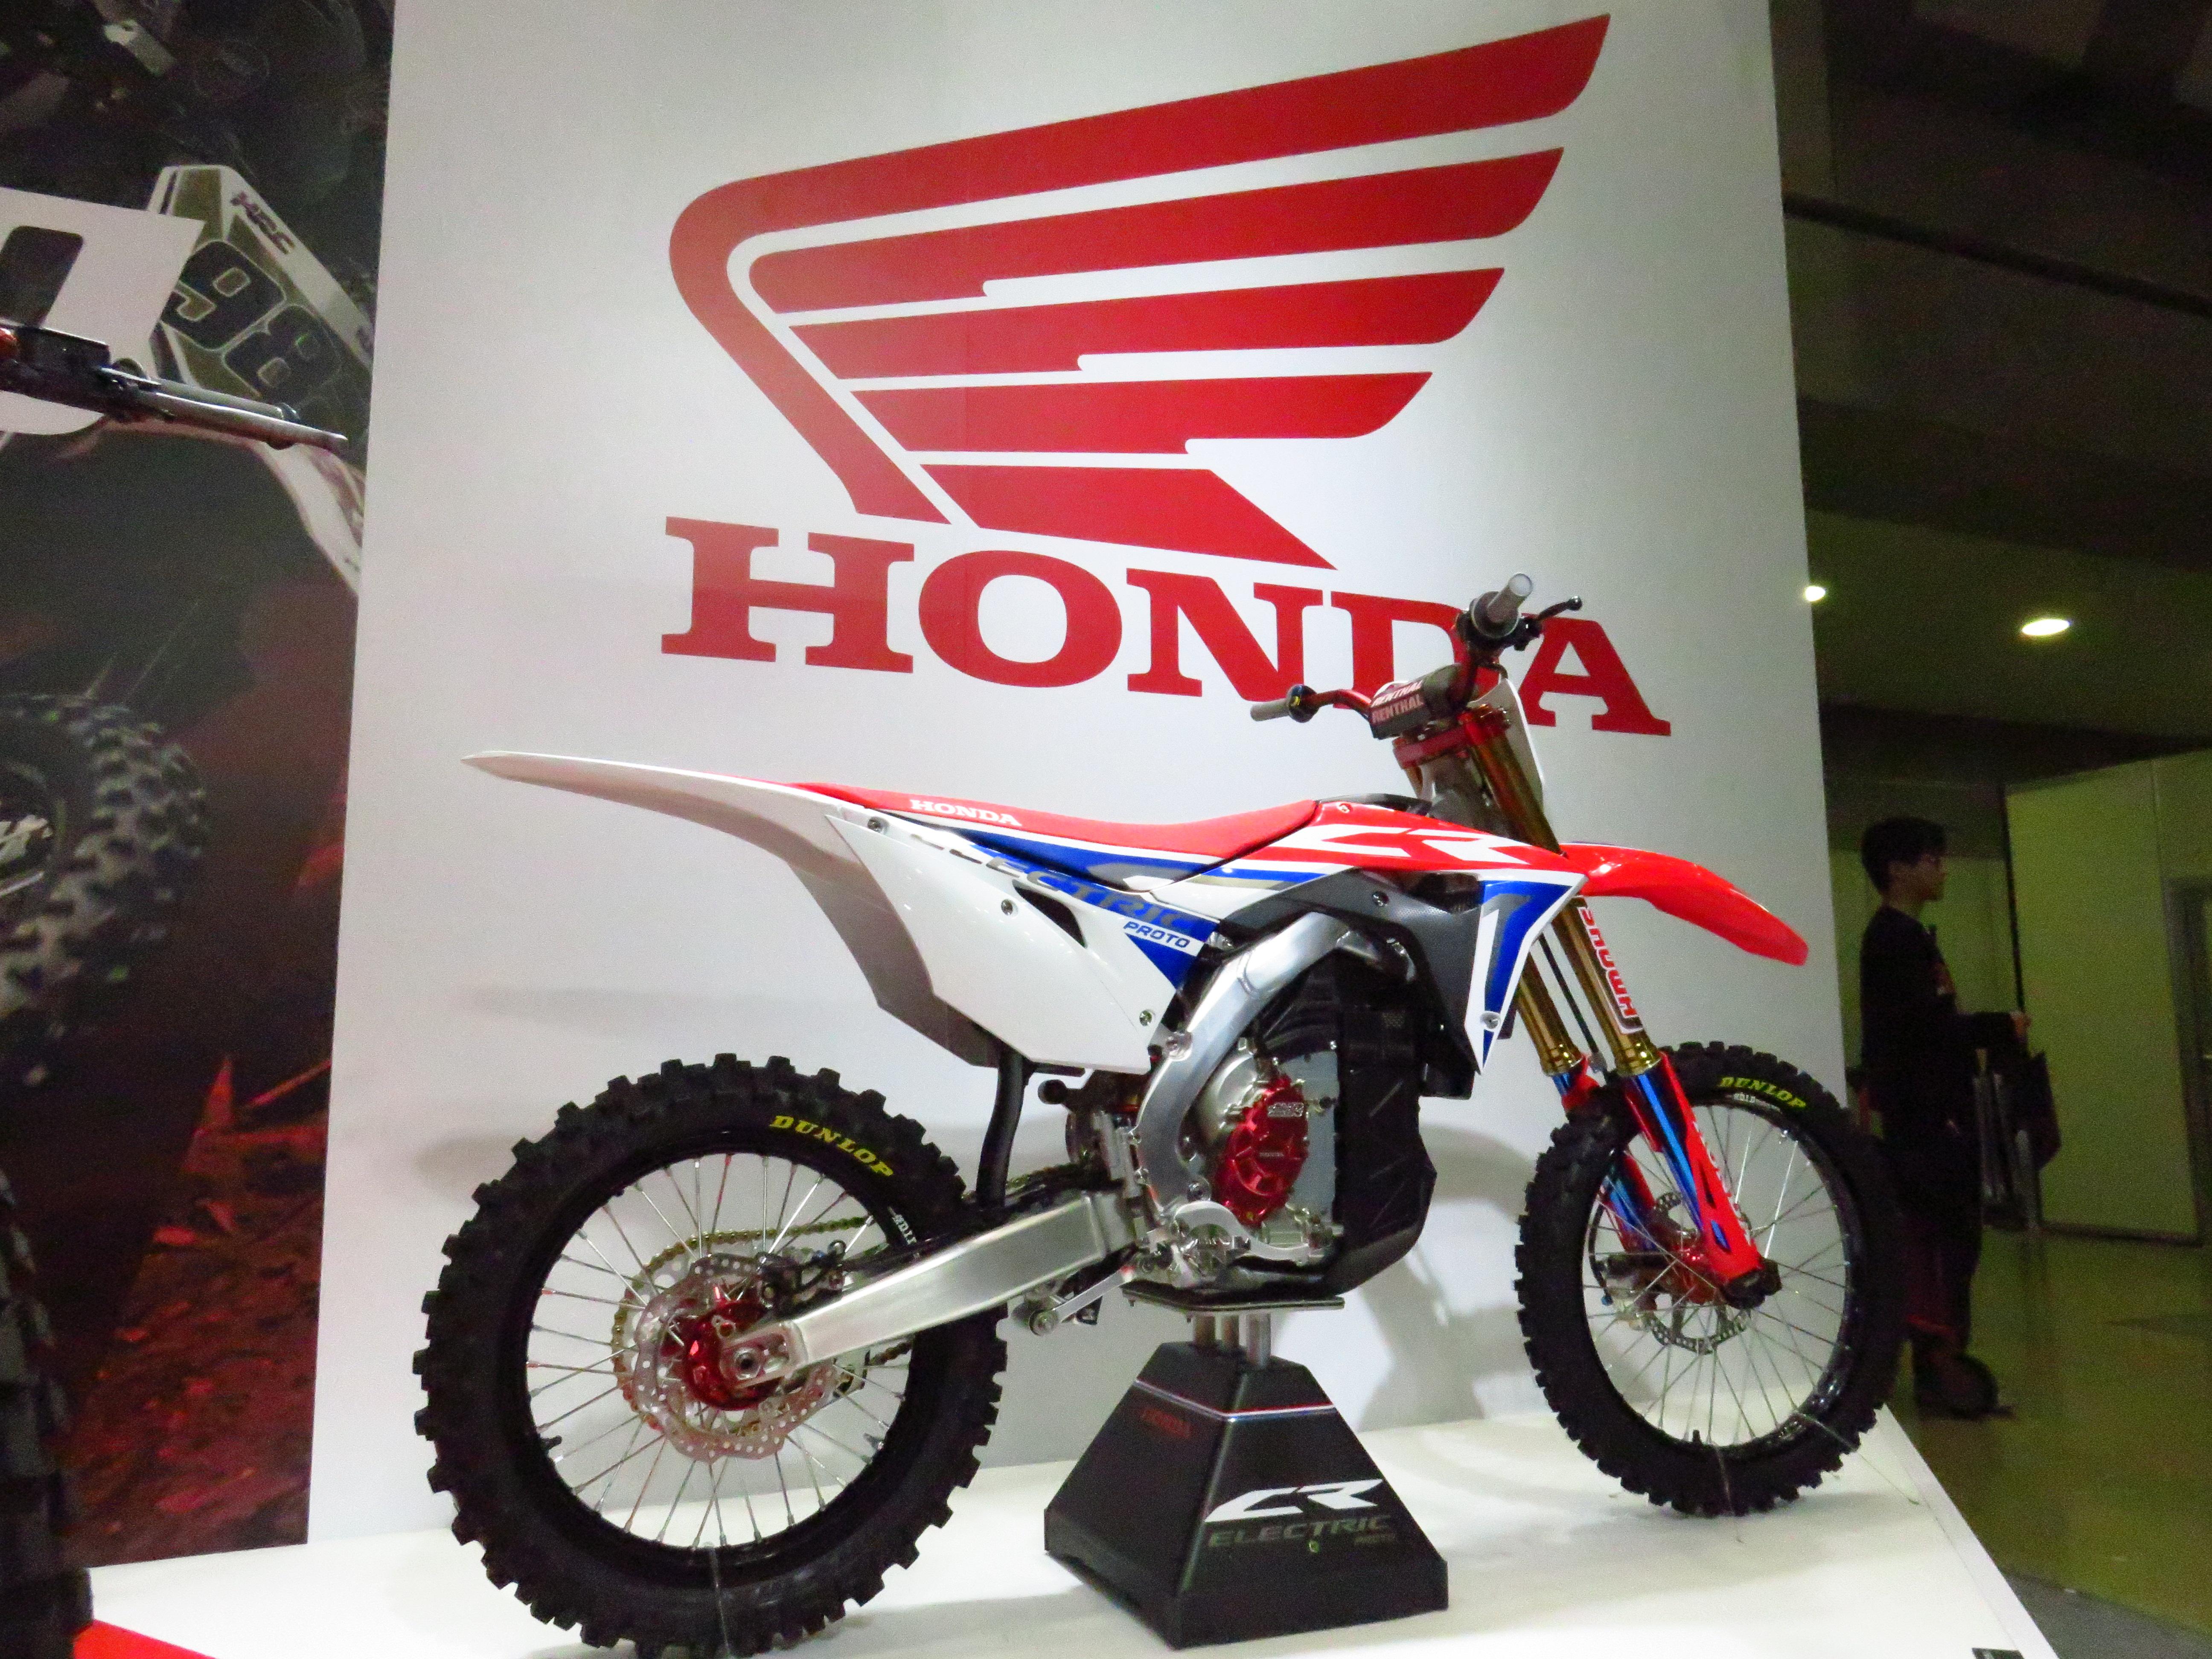 東京モーターサイクルショーでホンダはワールドプレミア2種を発表!